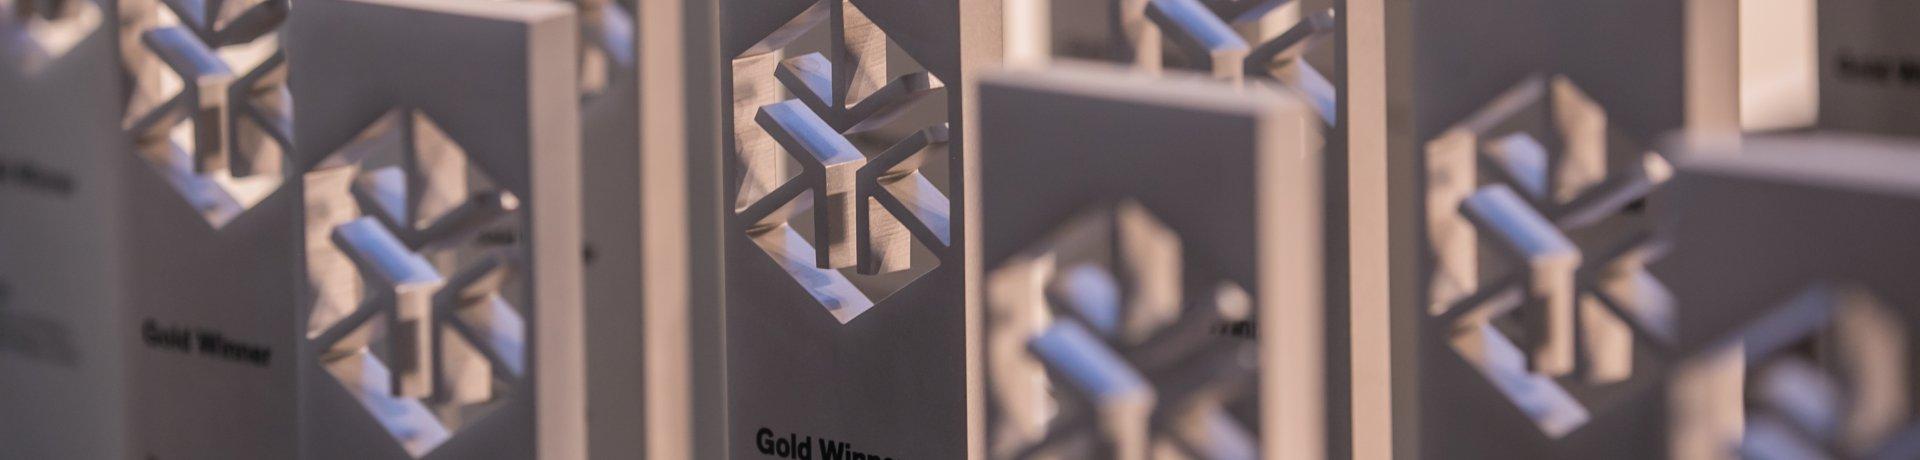 Design Len München 2018 ispo com